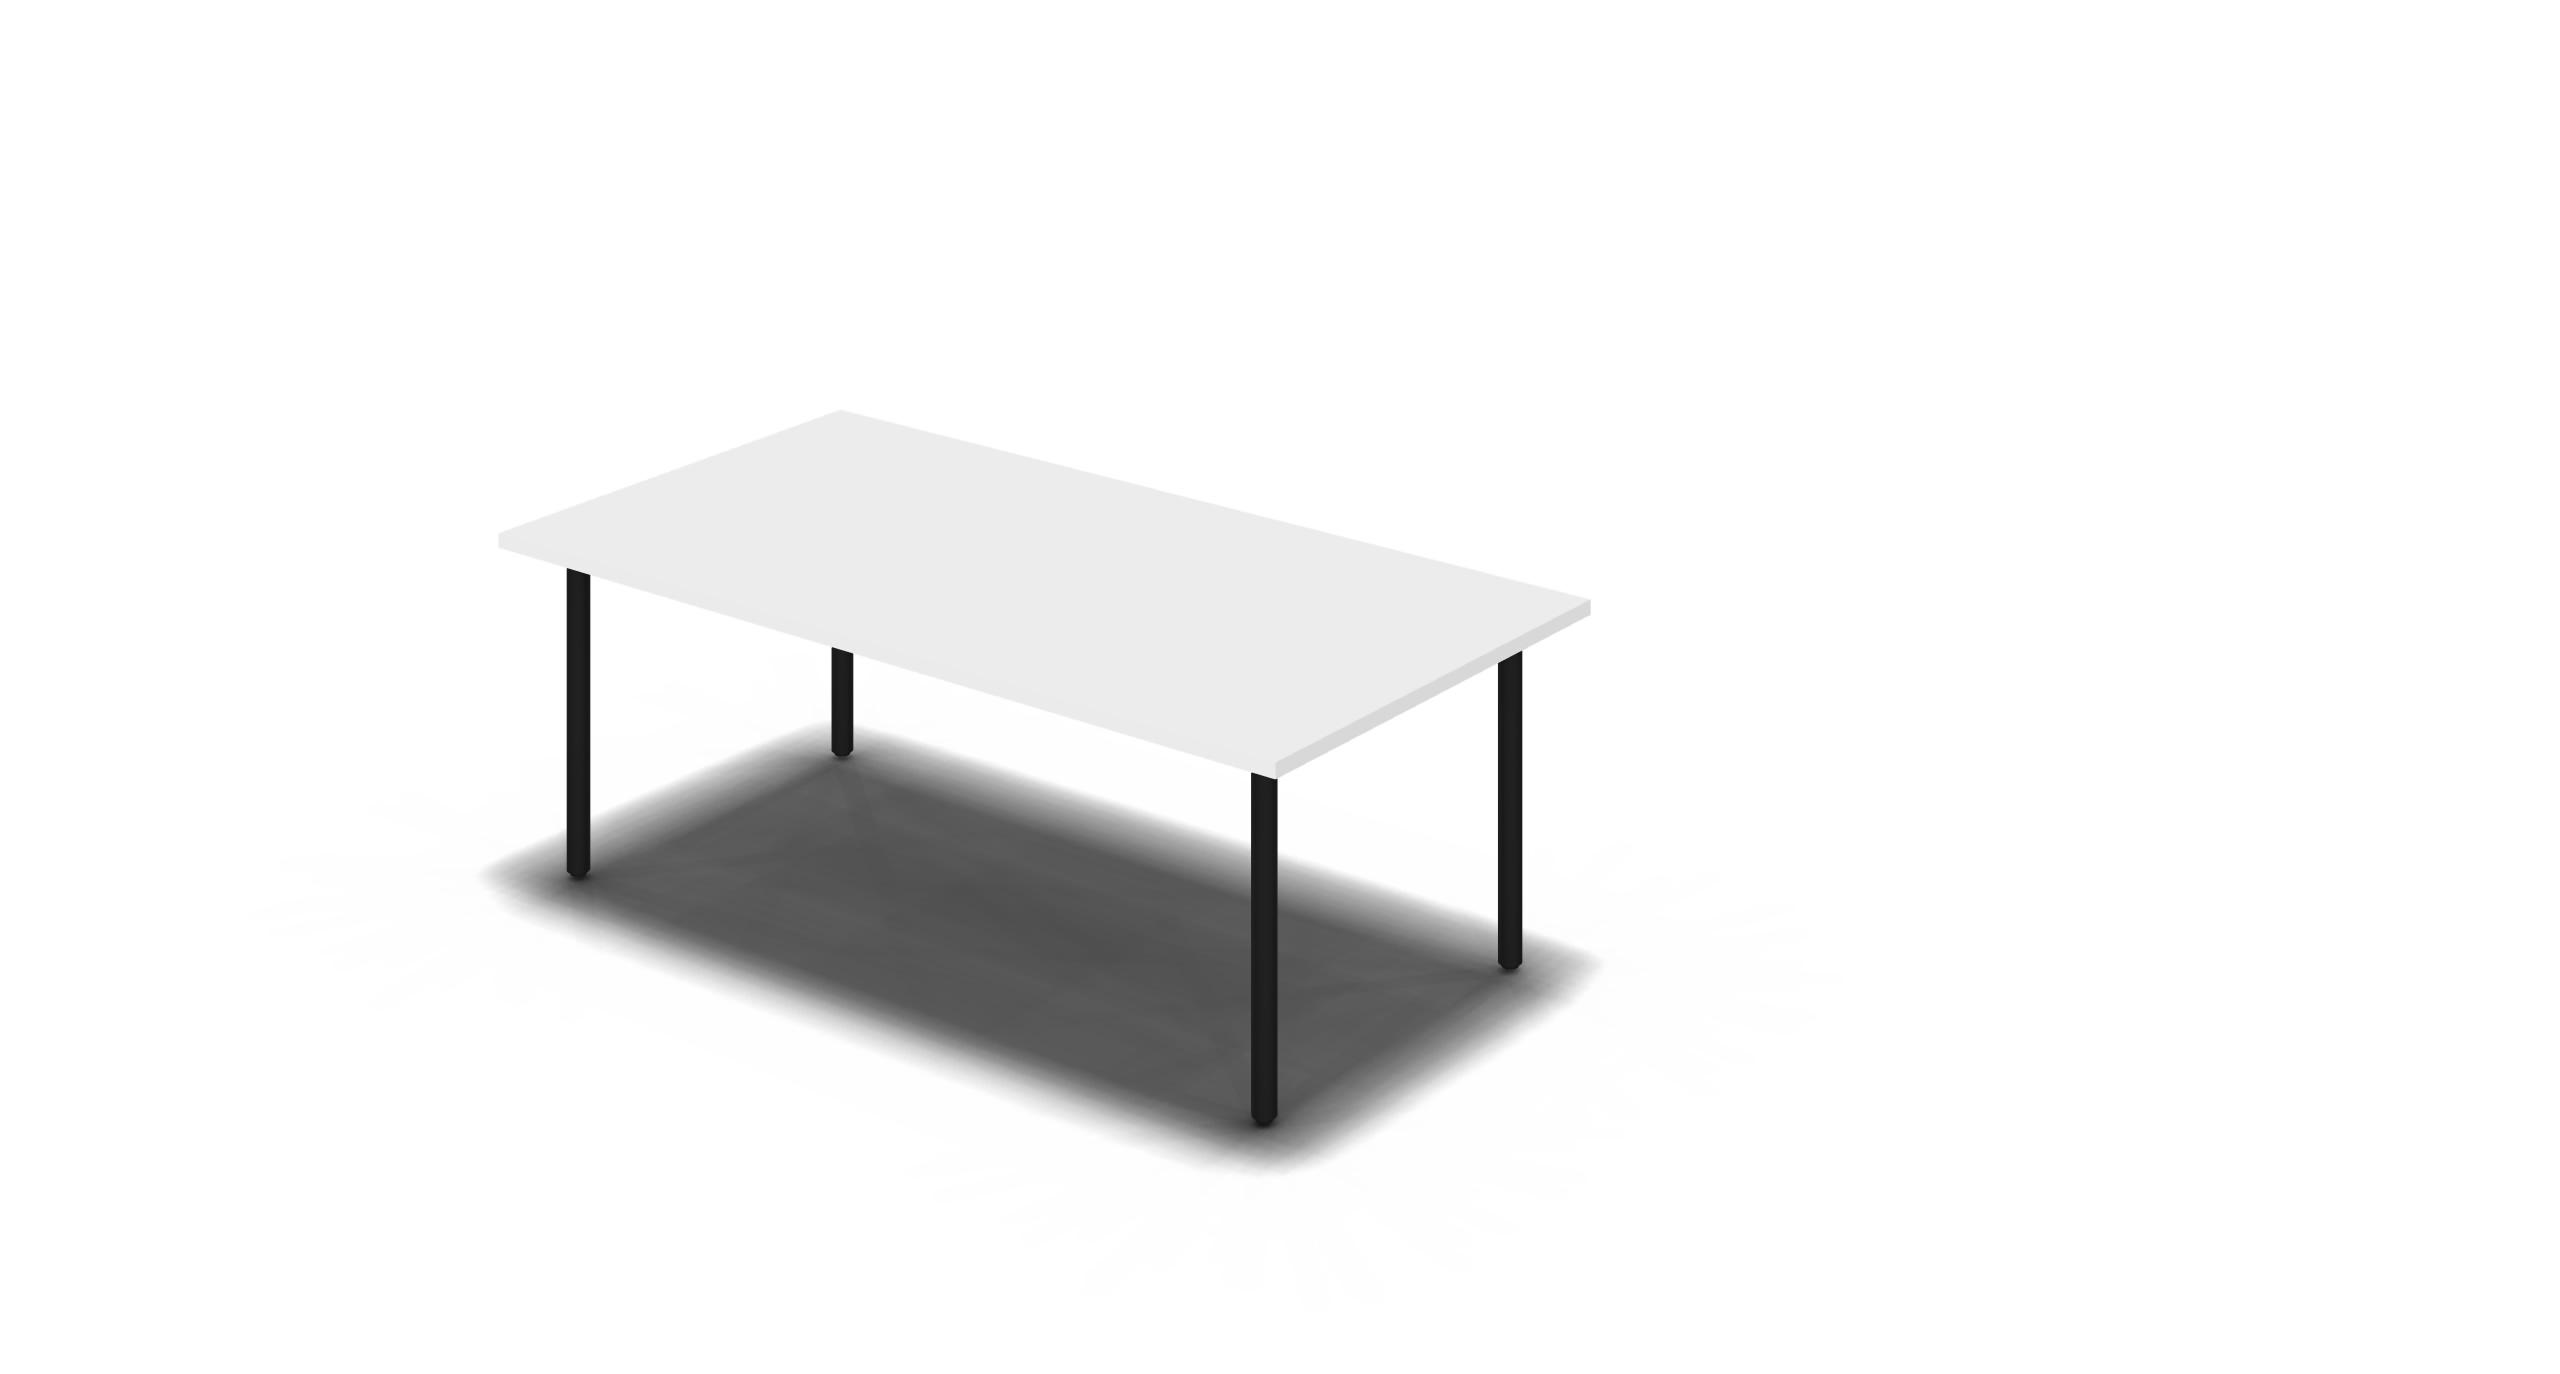 Table_Round_1800x900_Black_White_noOption